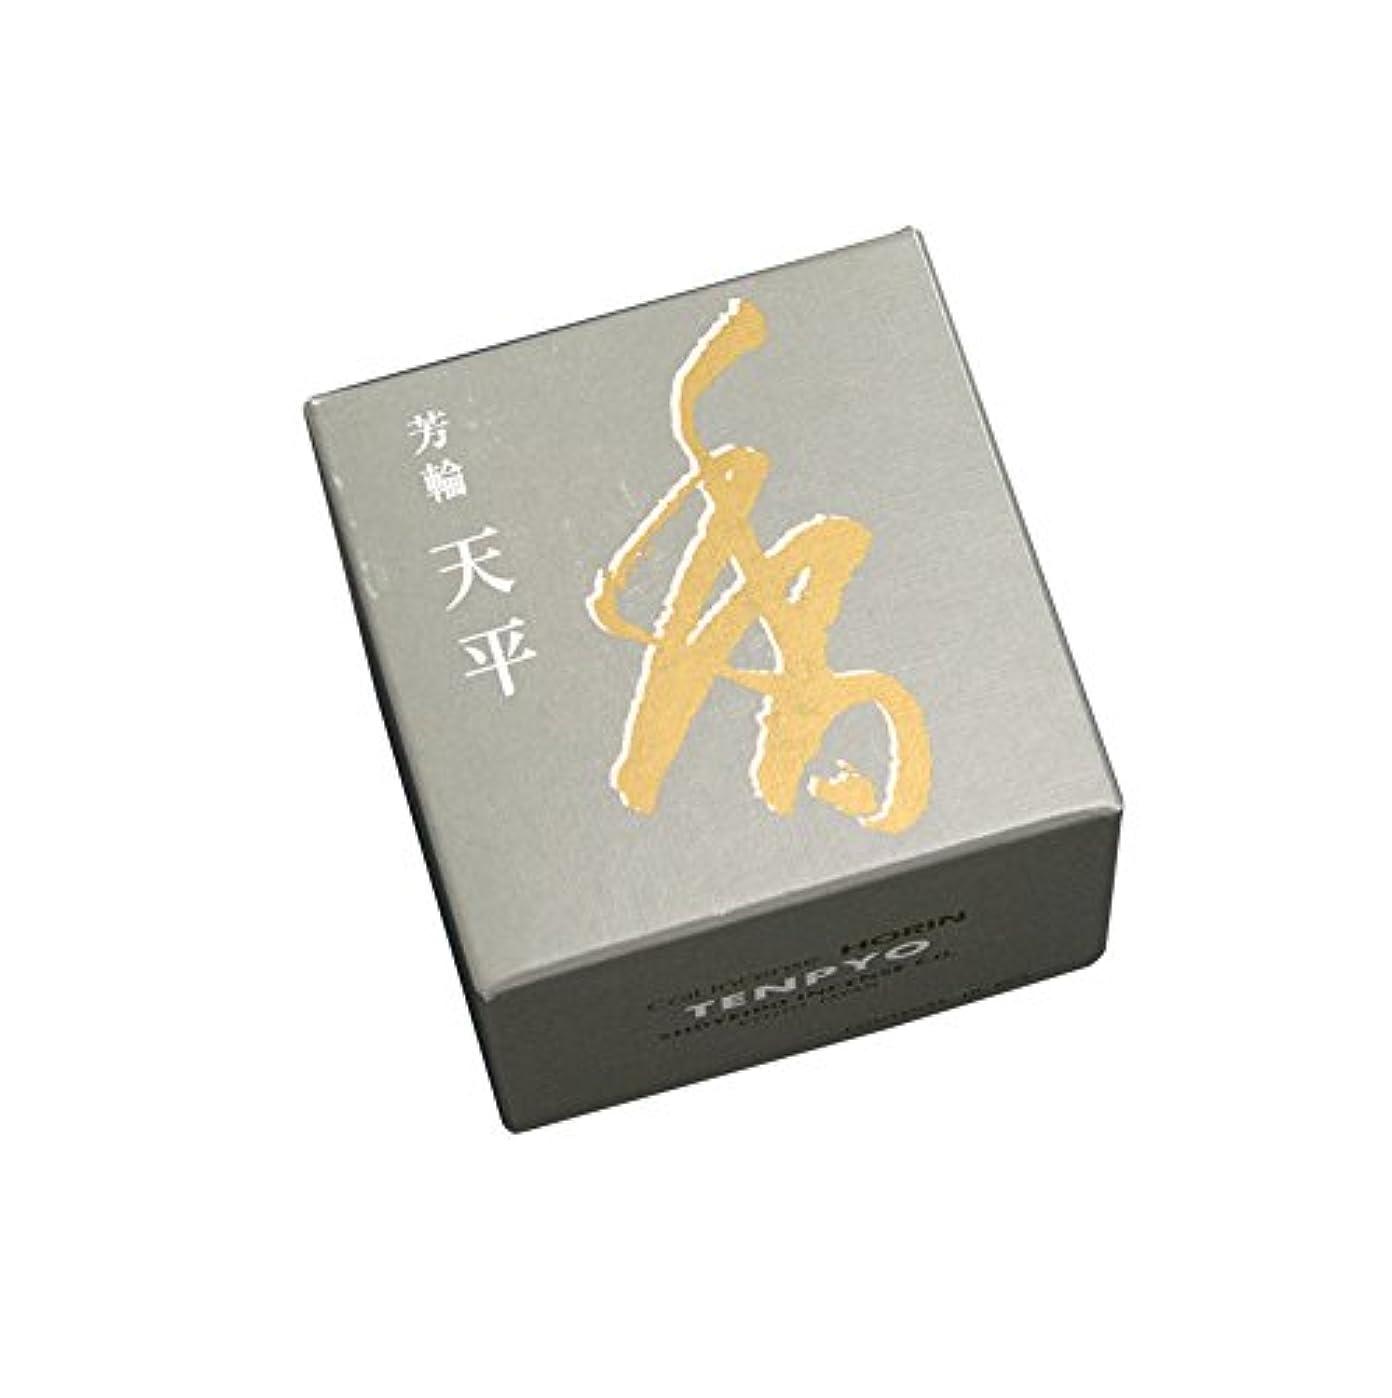 人生を作る受け入れたと遊ぶ松栄堂のお香 芳輪天平 渦巻型10枚入 うてな角型付 #210521